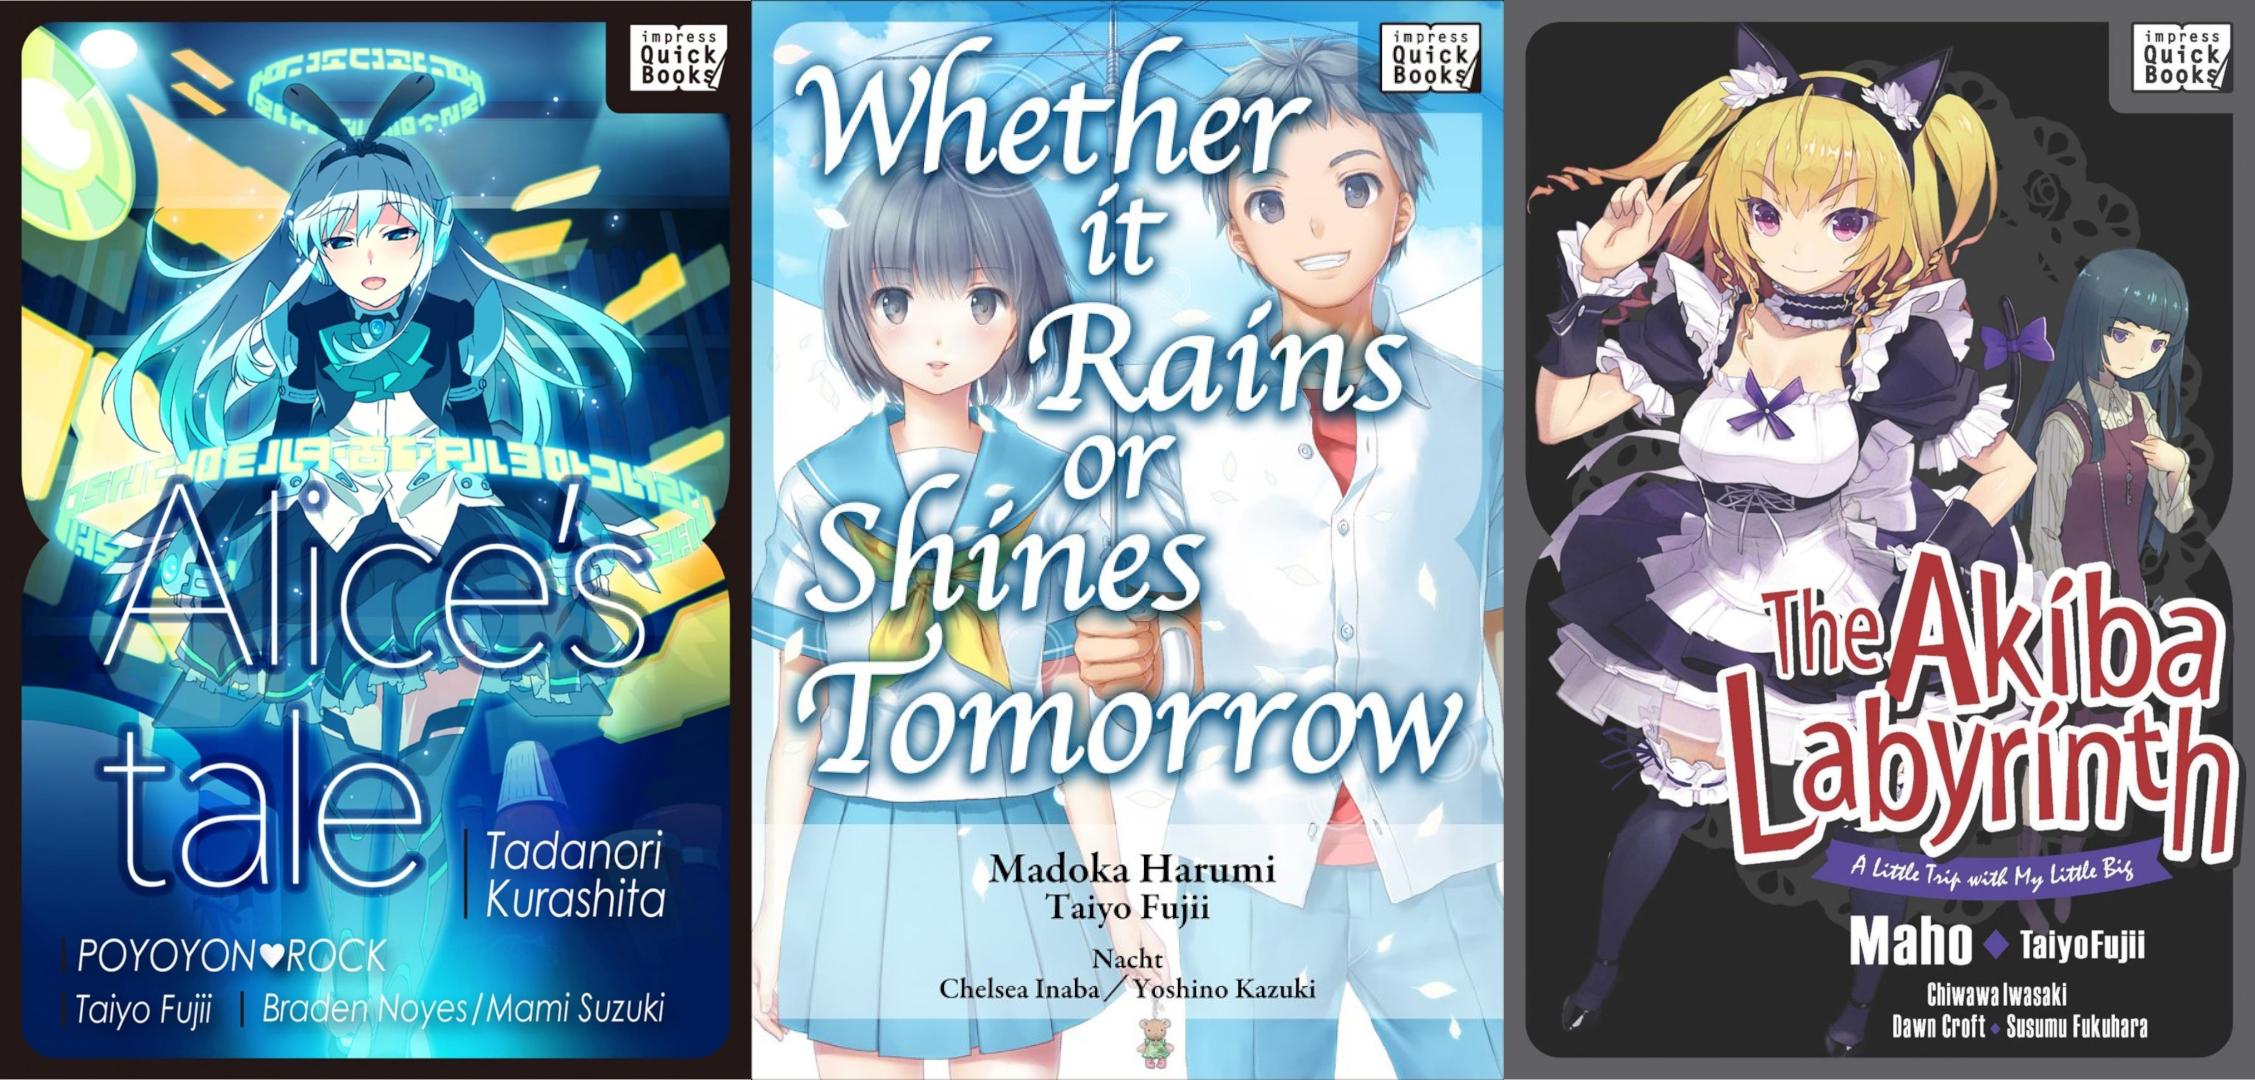 Ein Bild mit allen drei Covern der Novella von Impress Quick Books: Alice's Tale Link, in der Mitte Whether it Rains or Shines Tomorrow und rechts The Akiba Labyrinth